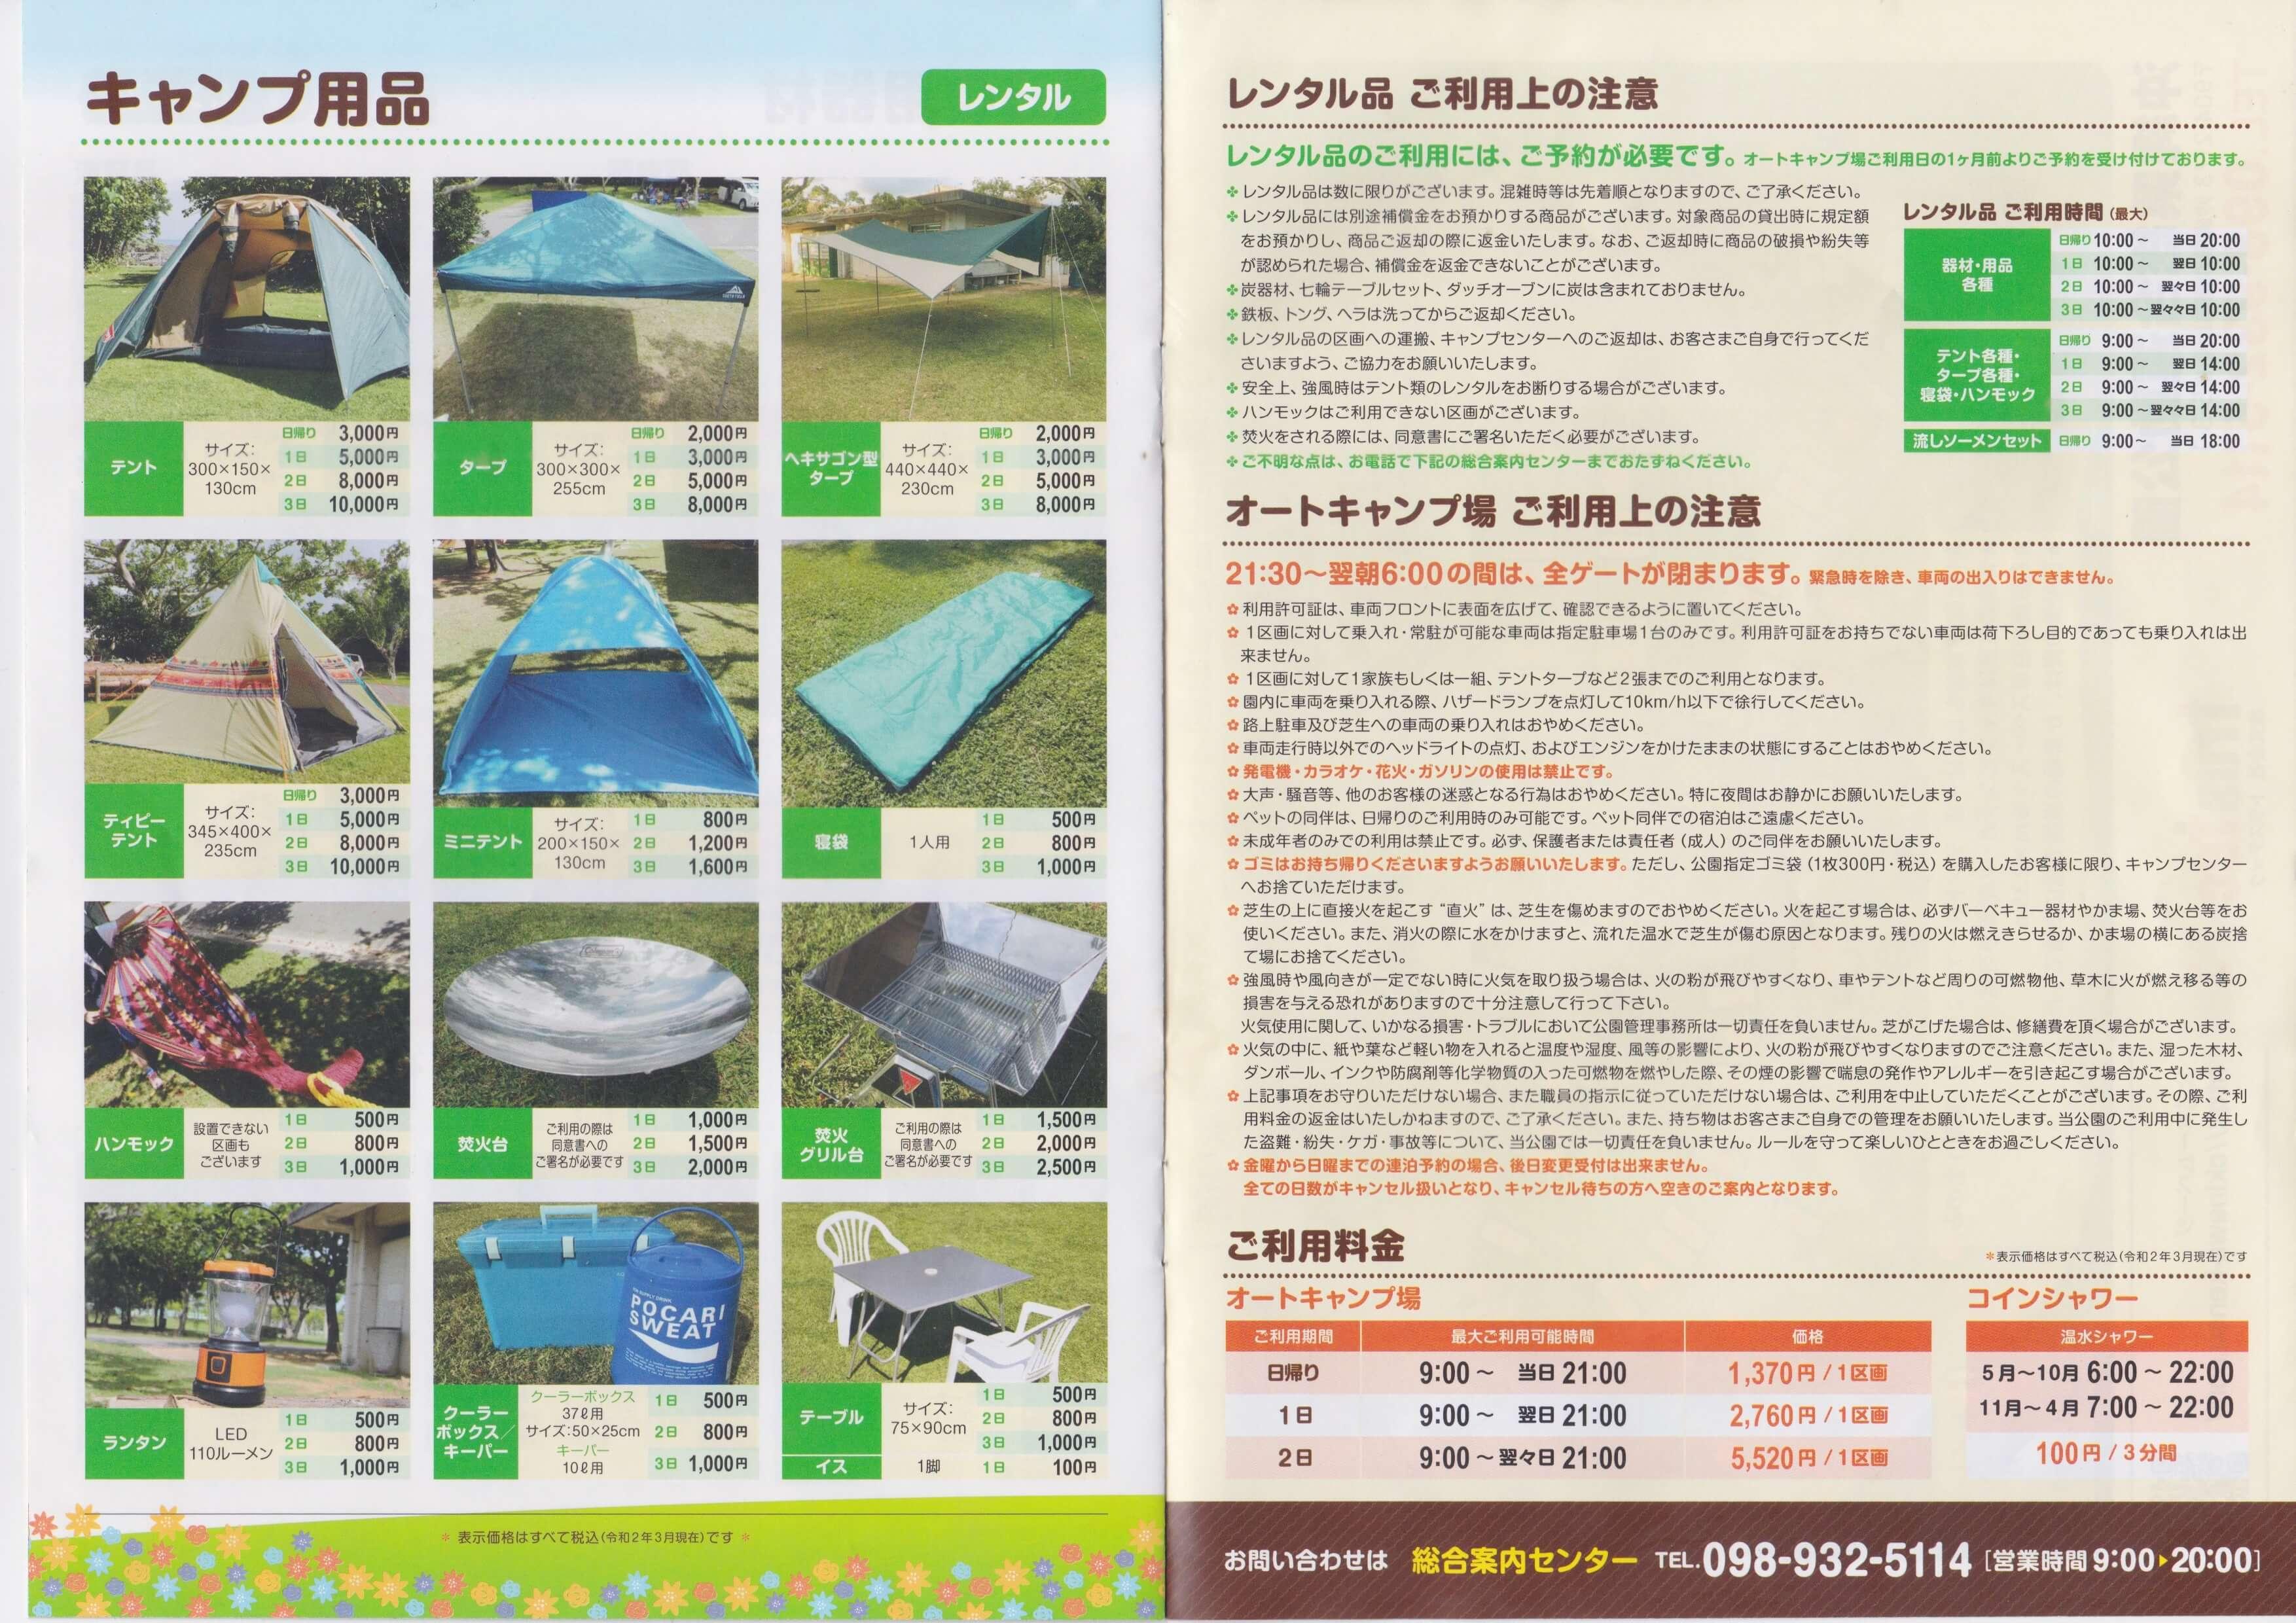 沖縄県総合運動公園 キャンプ場 パンフレット4